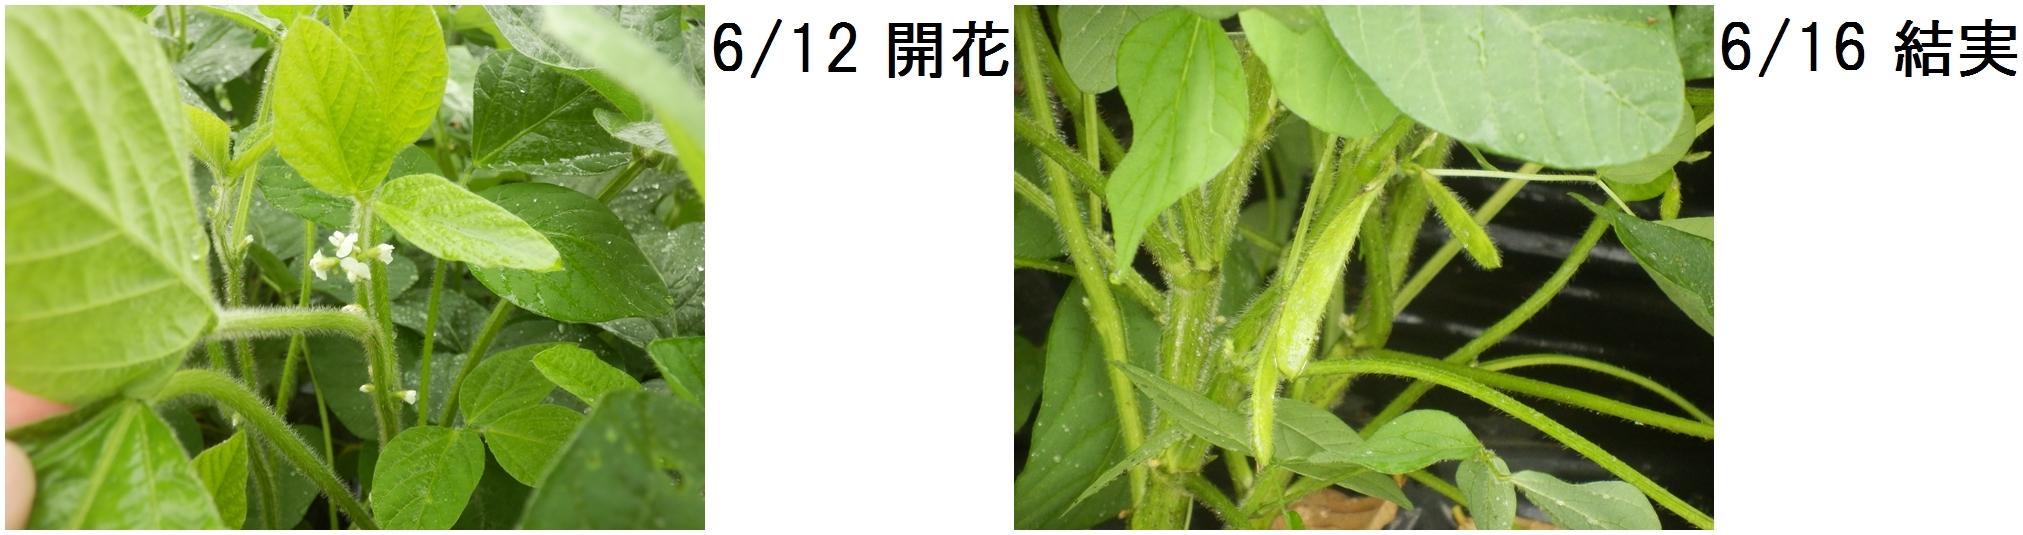 開花-horz